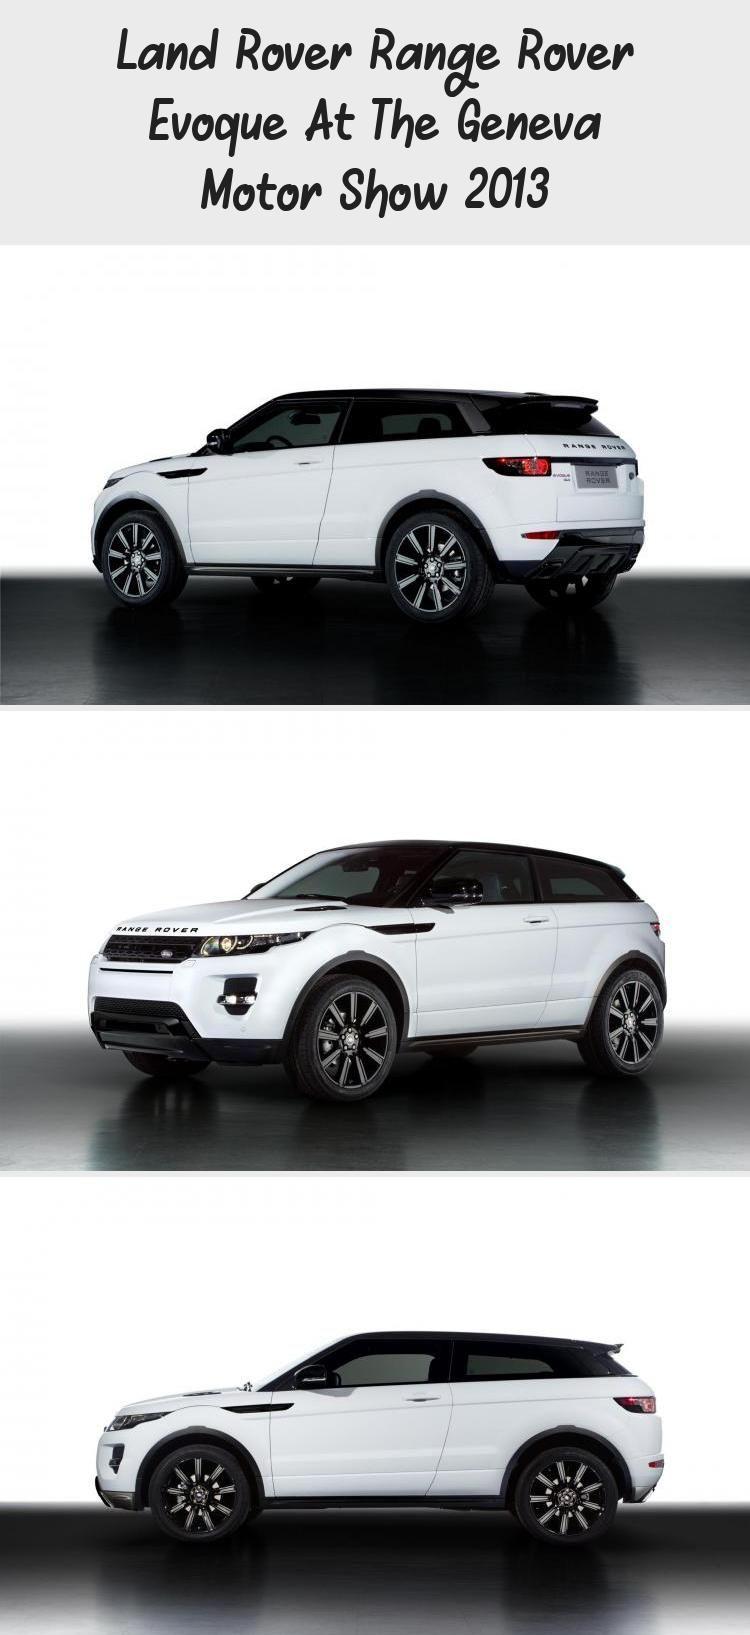 Land Rover Range Rover Evoque At The Geneva Motor Show